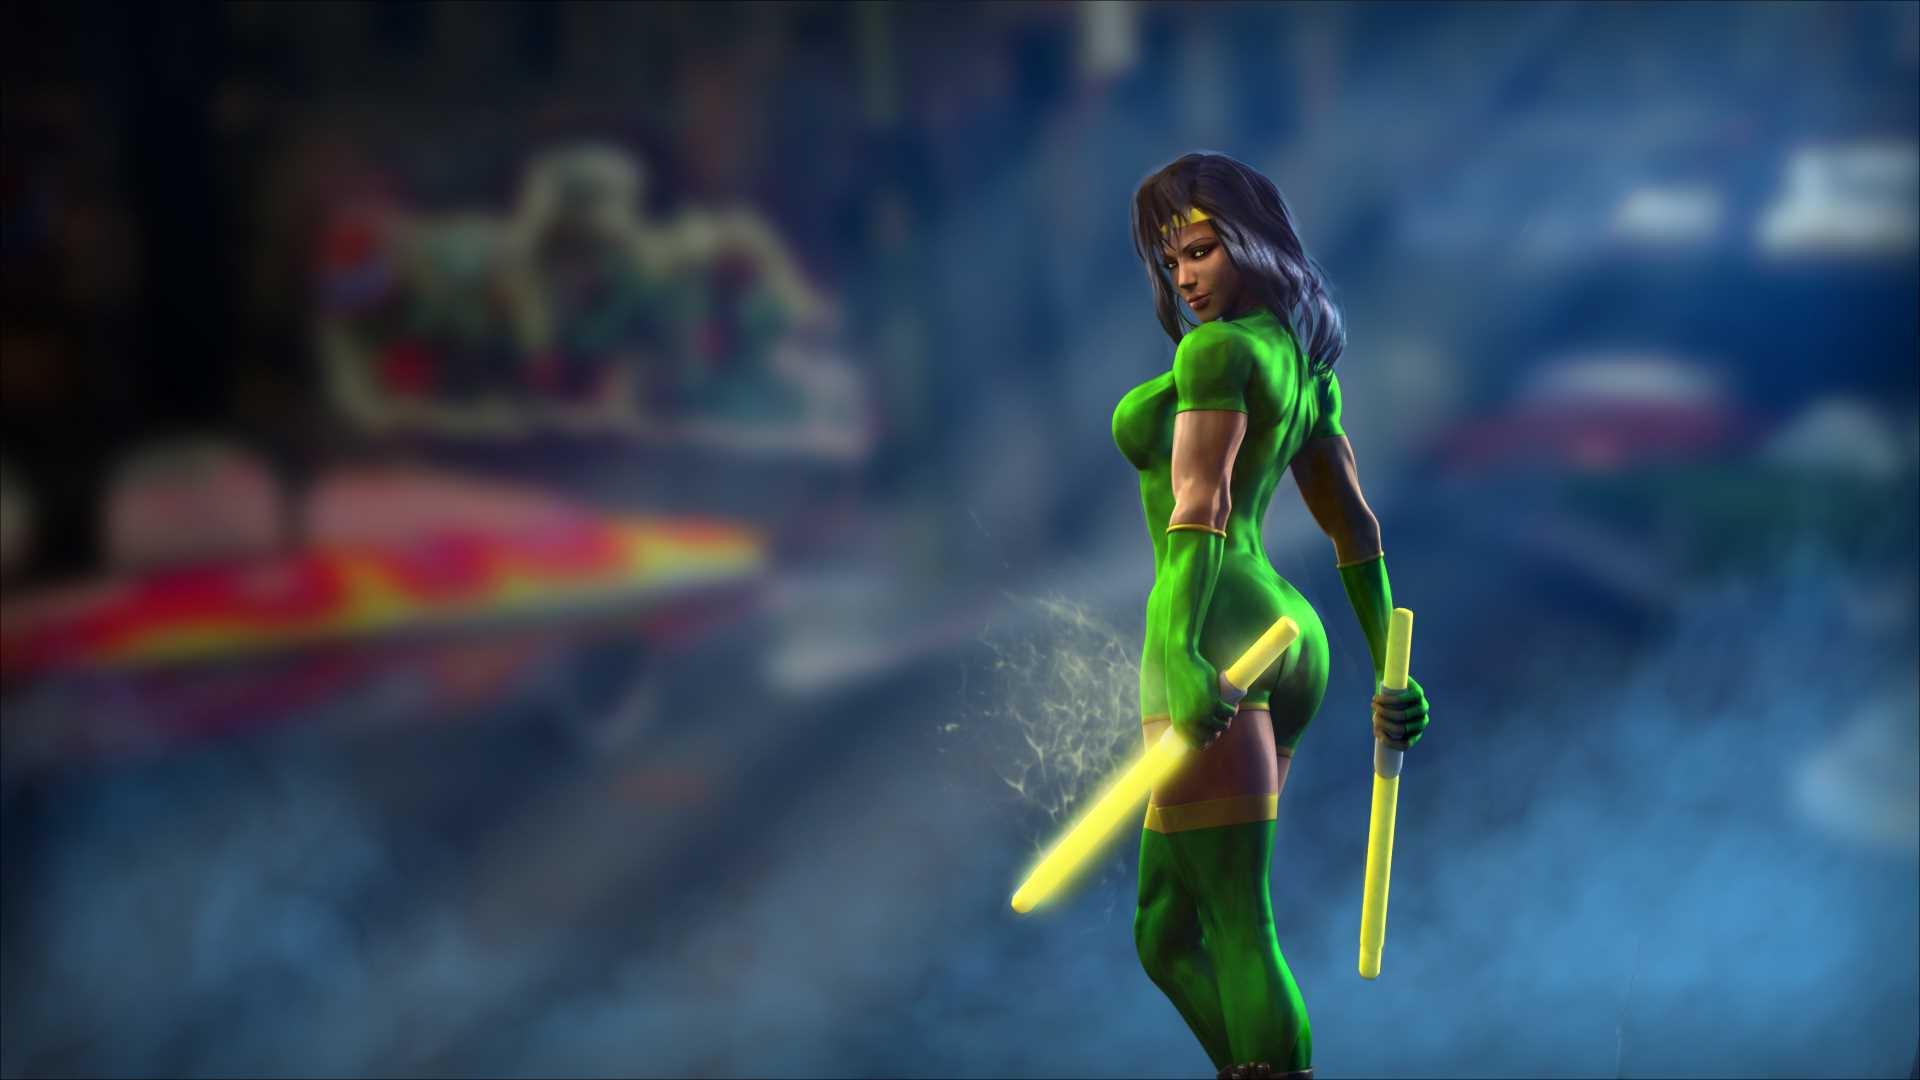 Killer Instinct Fighting Fantasy Game Game 15 Wallpaper